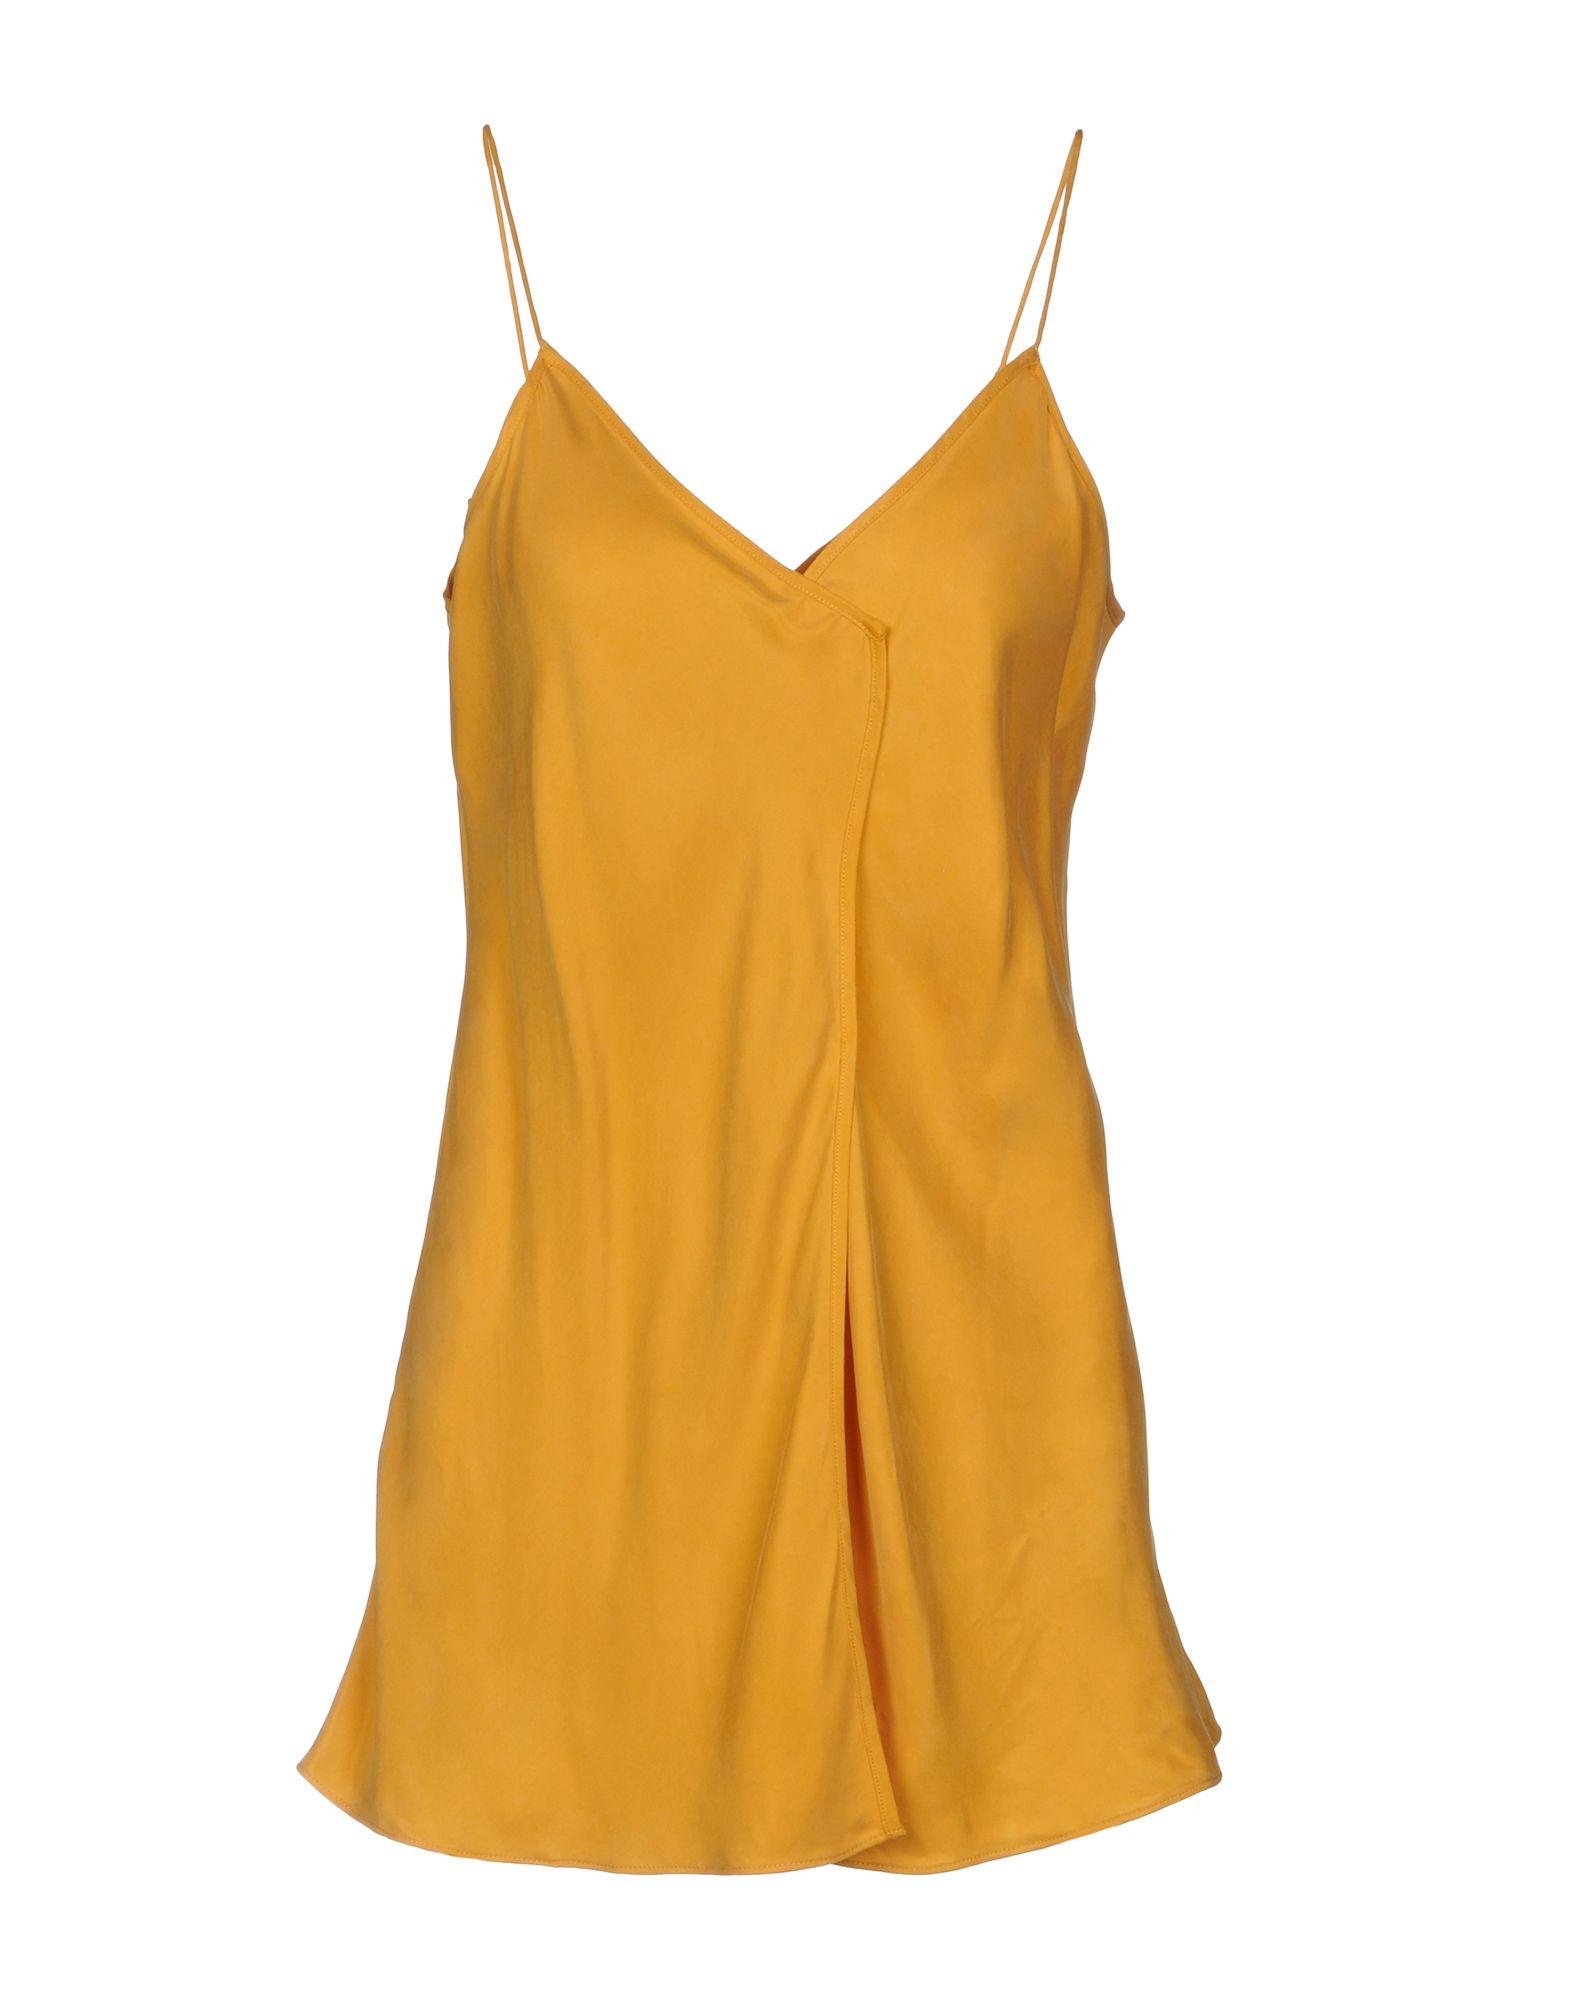 TWIN-SET LINGERIE Комбинация black lace details v neck with no falsies lingerie set